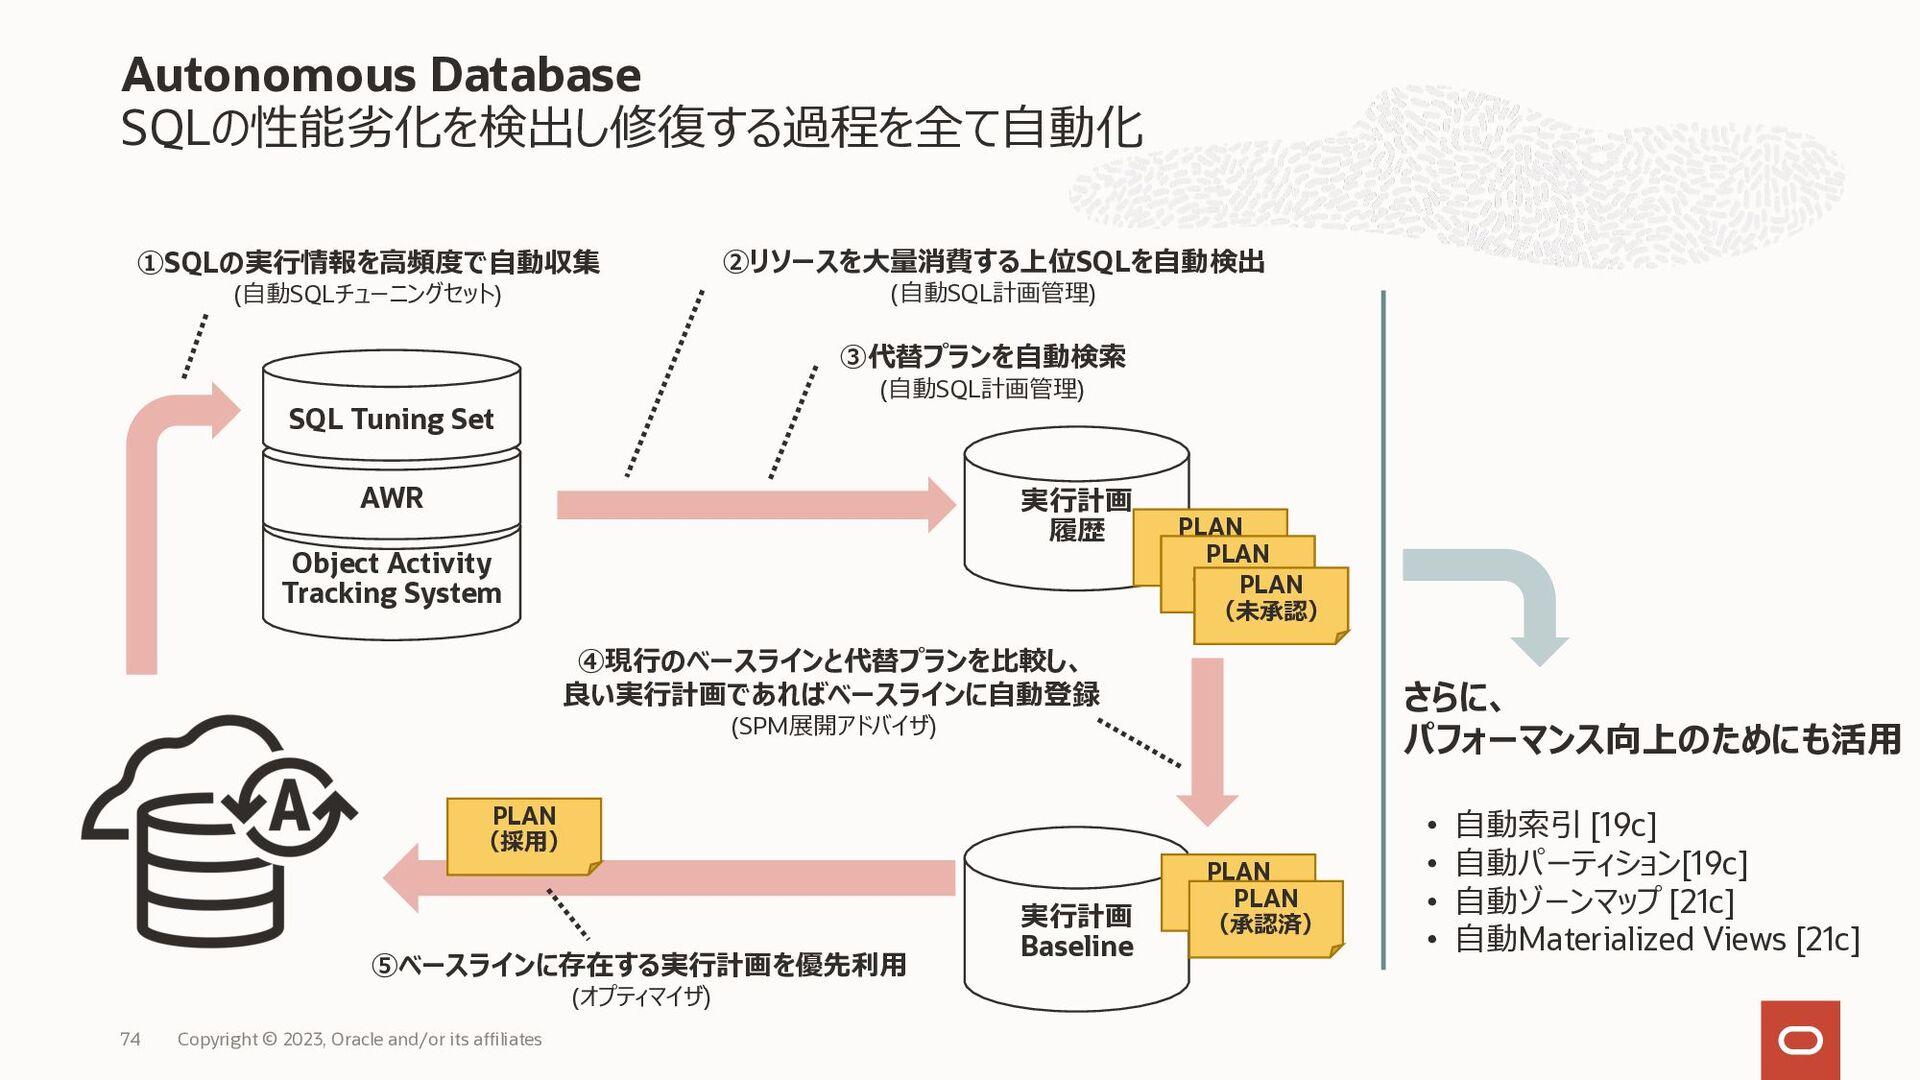 バックアップ・リストア 手法一覧 Copyright © 2020, Oracle and/o...